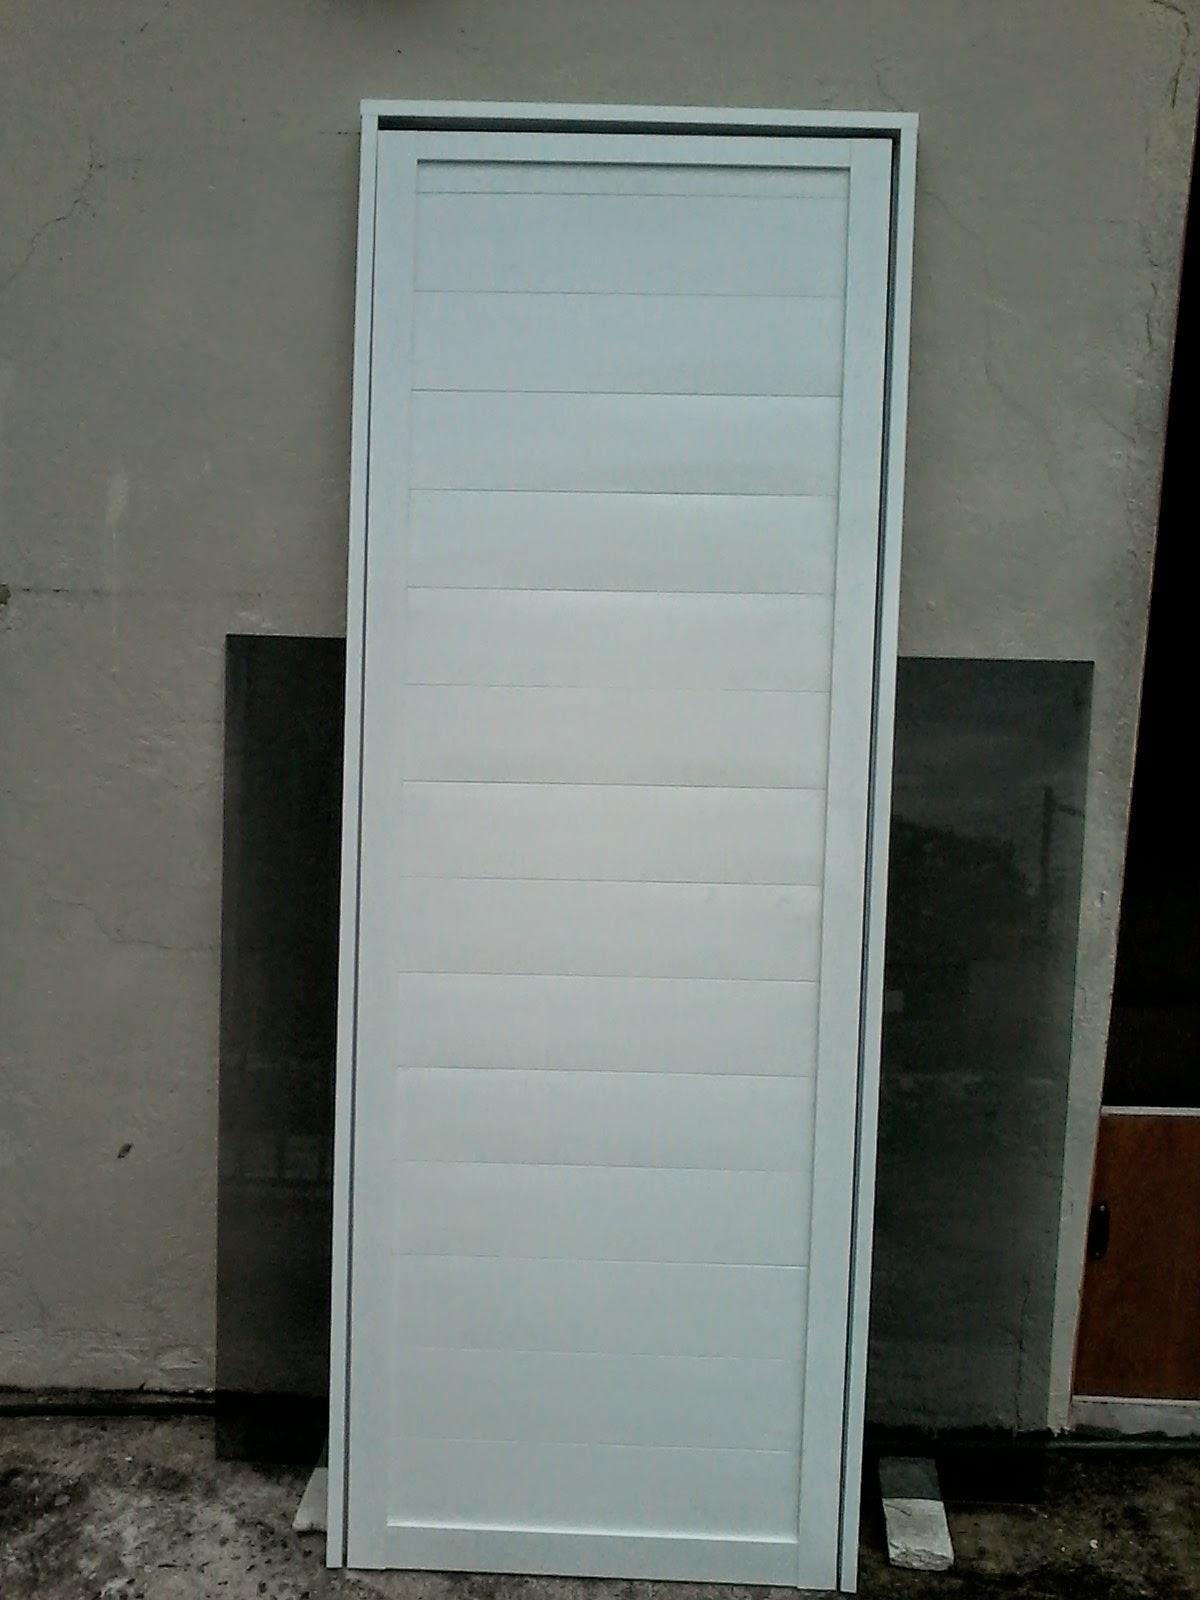 Puertas De Baño Aluminio:de Trabajos Aluminio Velazquez: Catálogo de Trabajos Aluminio